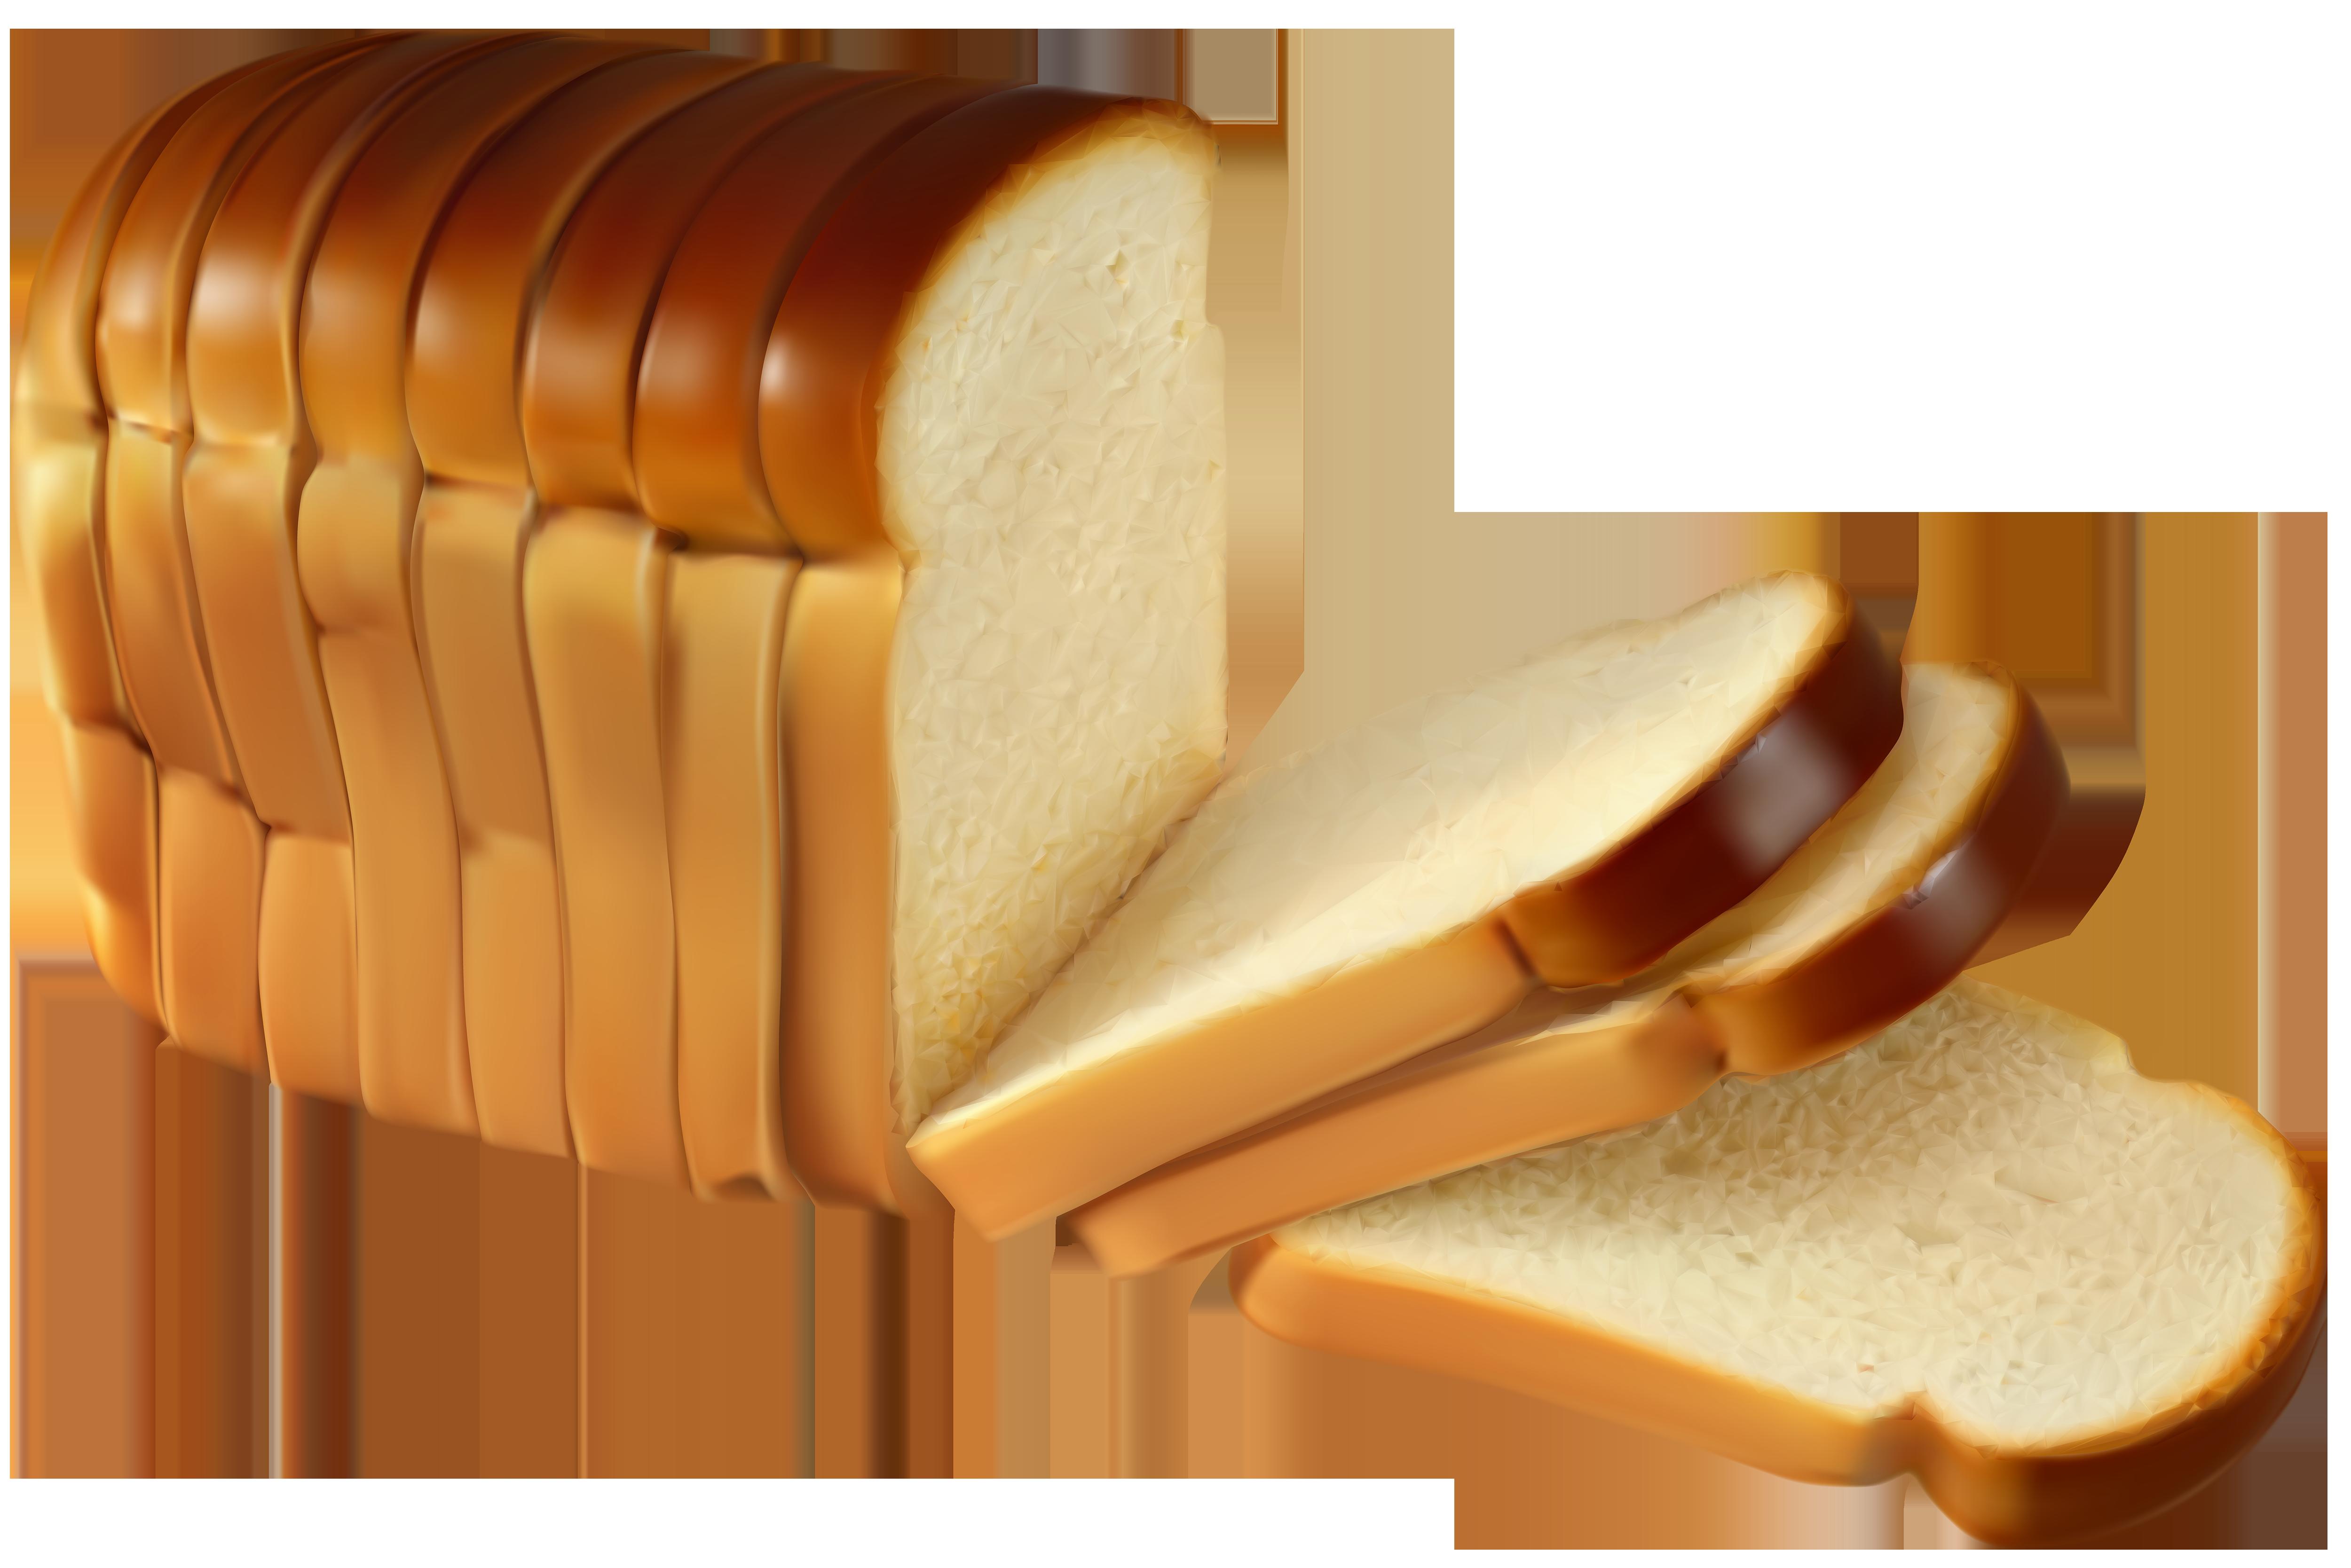 Clipart bread conchas. Sandwich png clip art